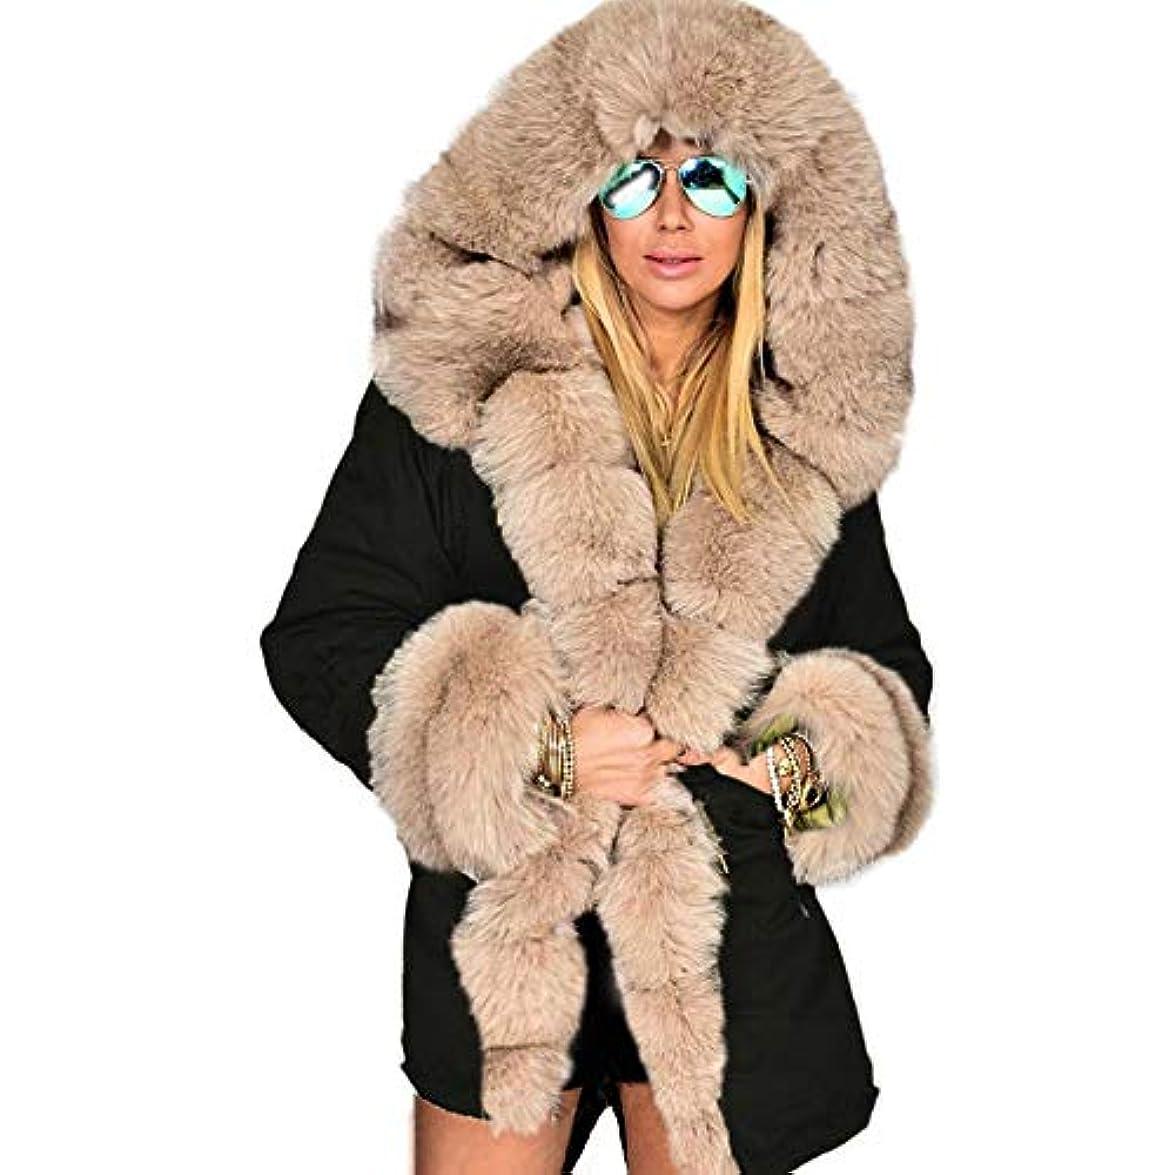 ハイキング封筒長くする冬ジャケット女性ファッションフードコートフェイクファーカラーコットンフリースウォームコートパーカスパーカープラスサイズロングコート,XXL